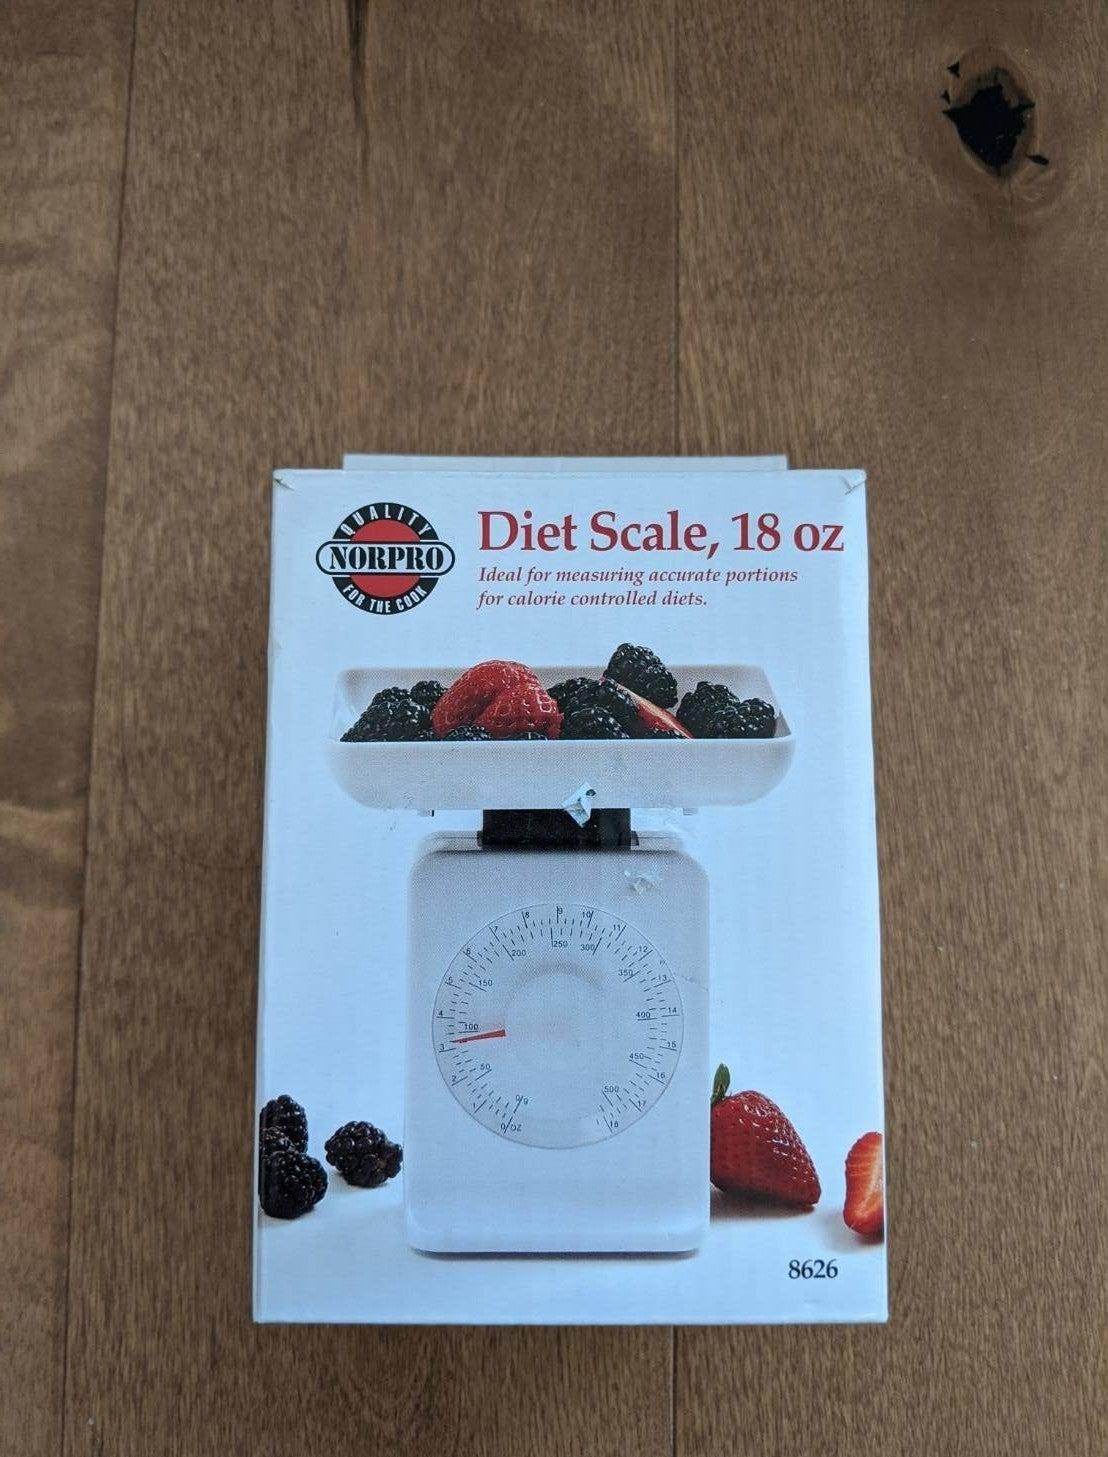 Norpro diet scale